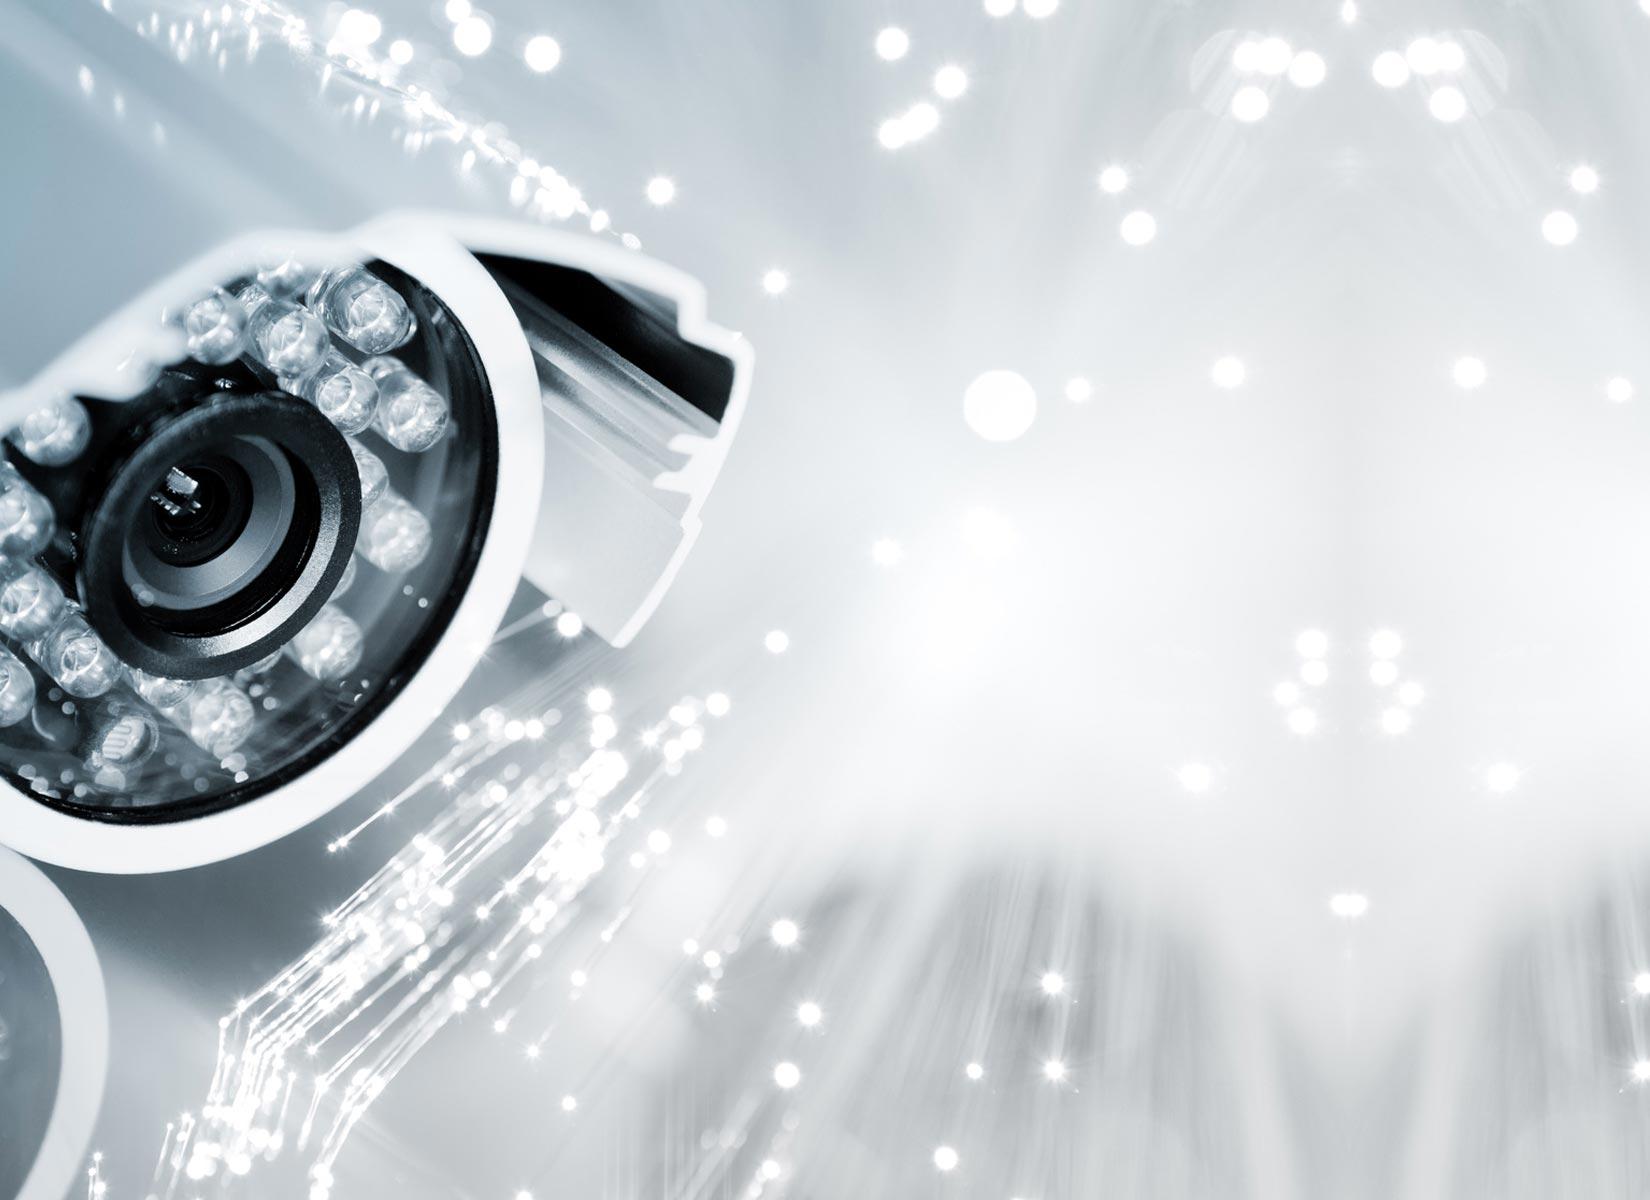 IMPIANTI DI SICUREZZA: quali sono i sistemi di sicurezza migliori?